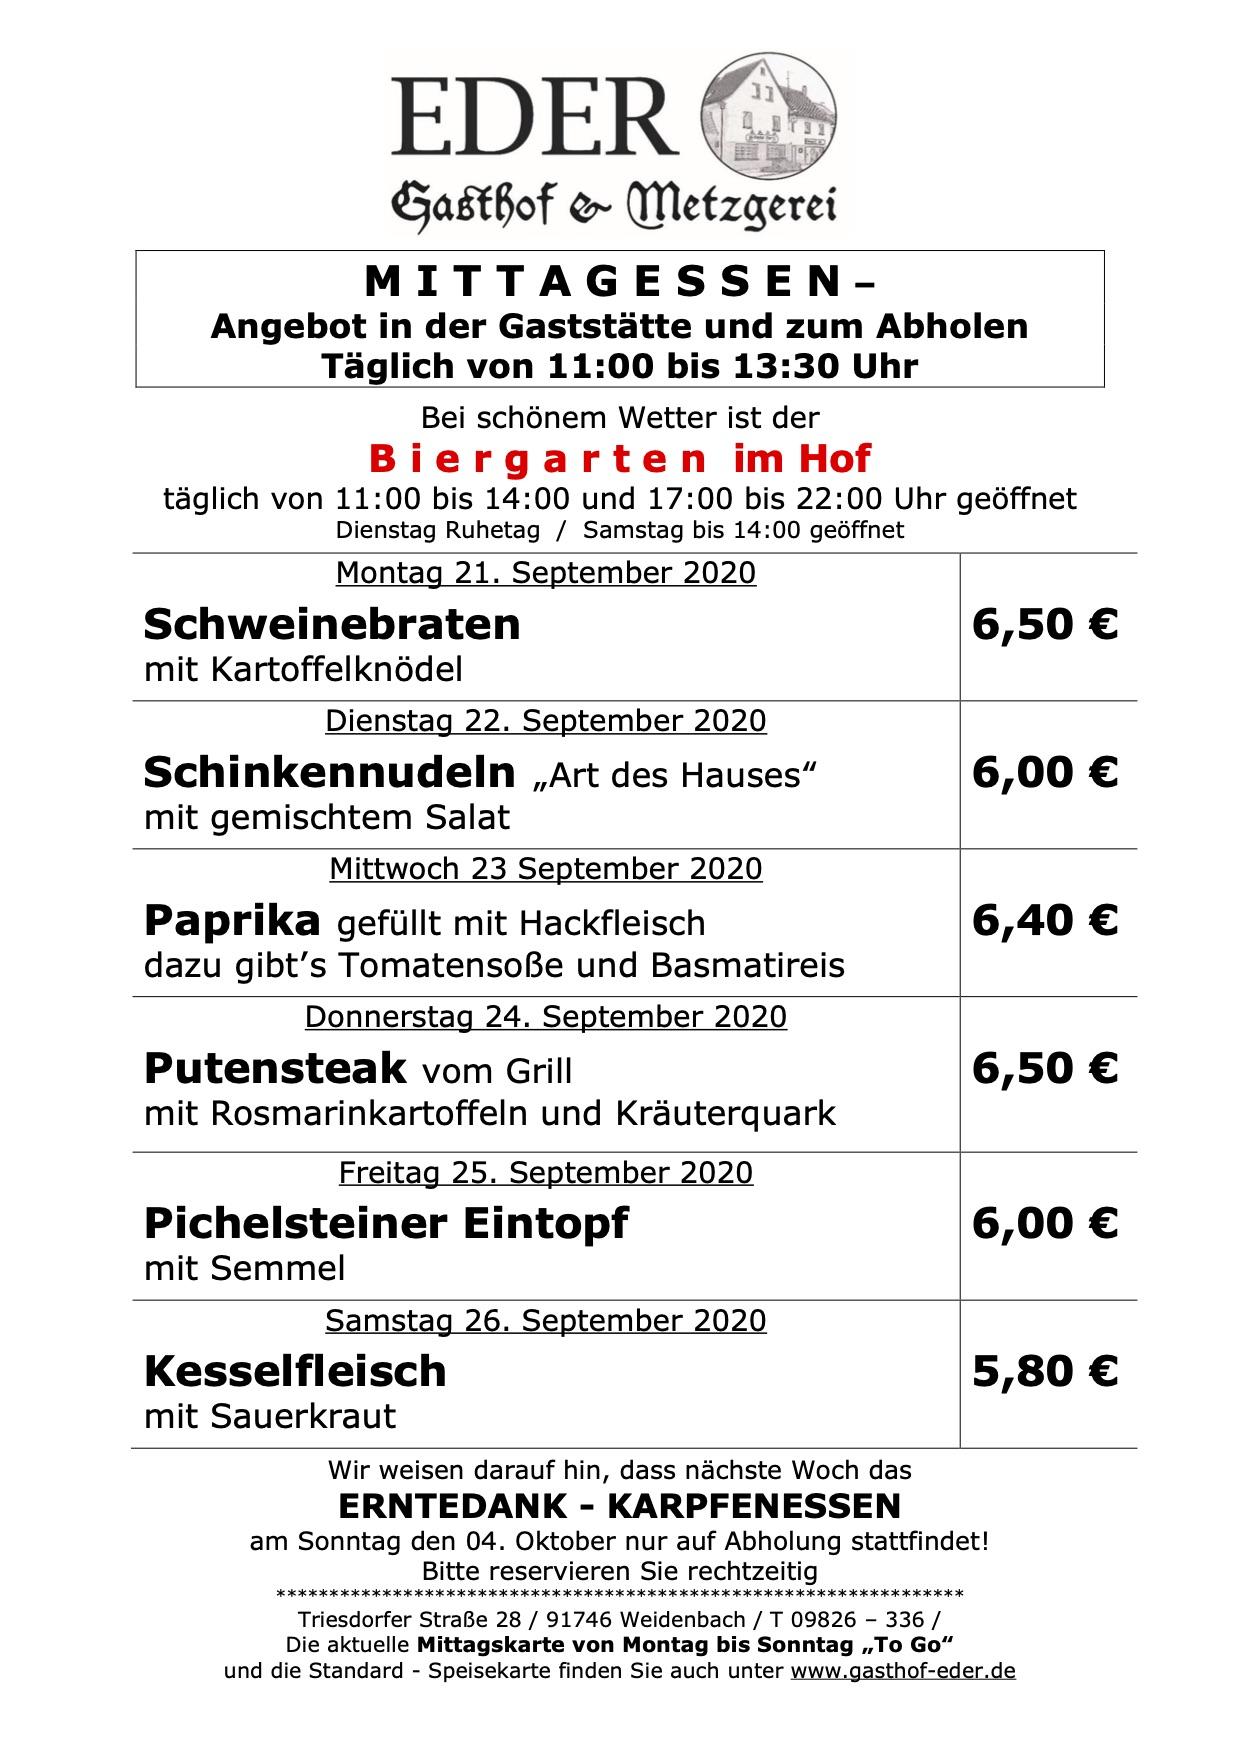 KW_39_Wochenangebot_To_Go_Gaststätte